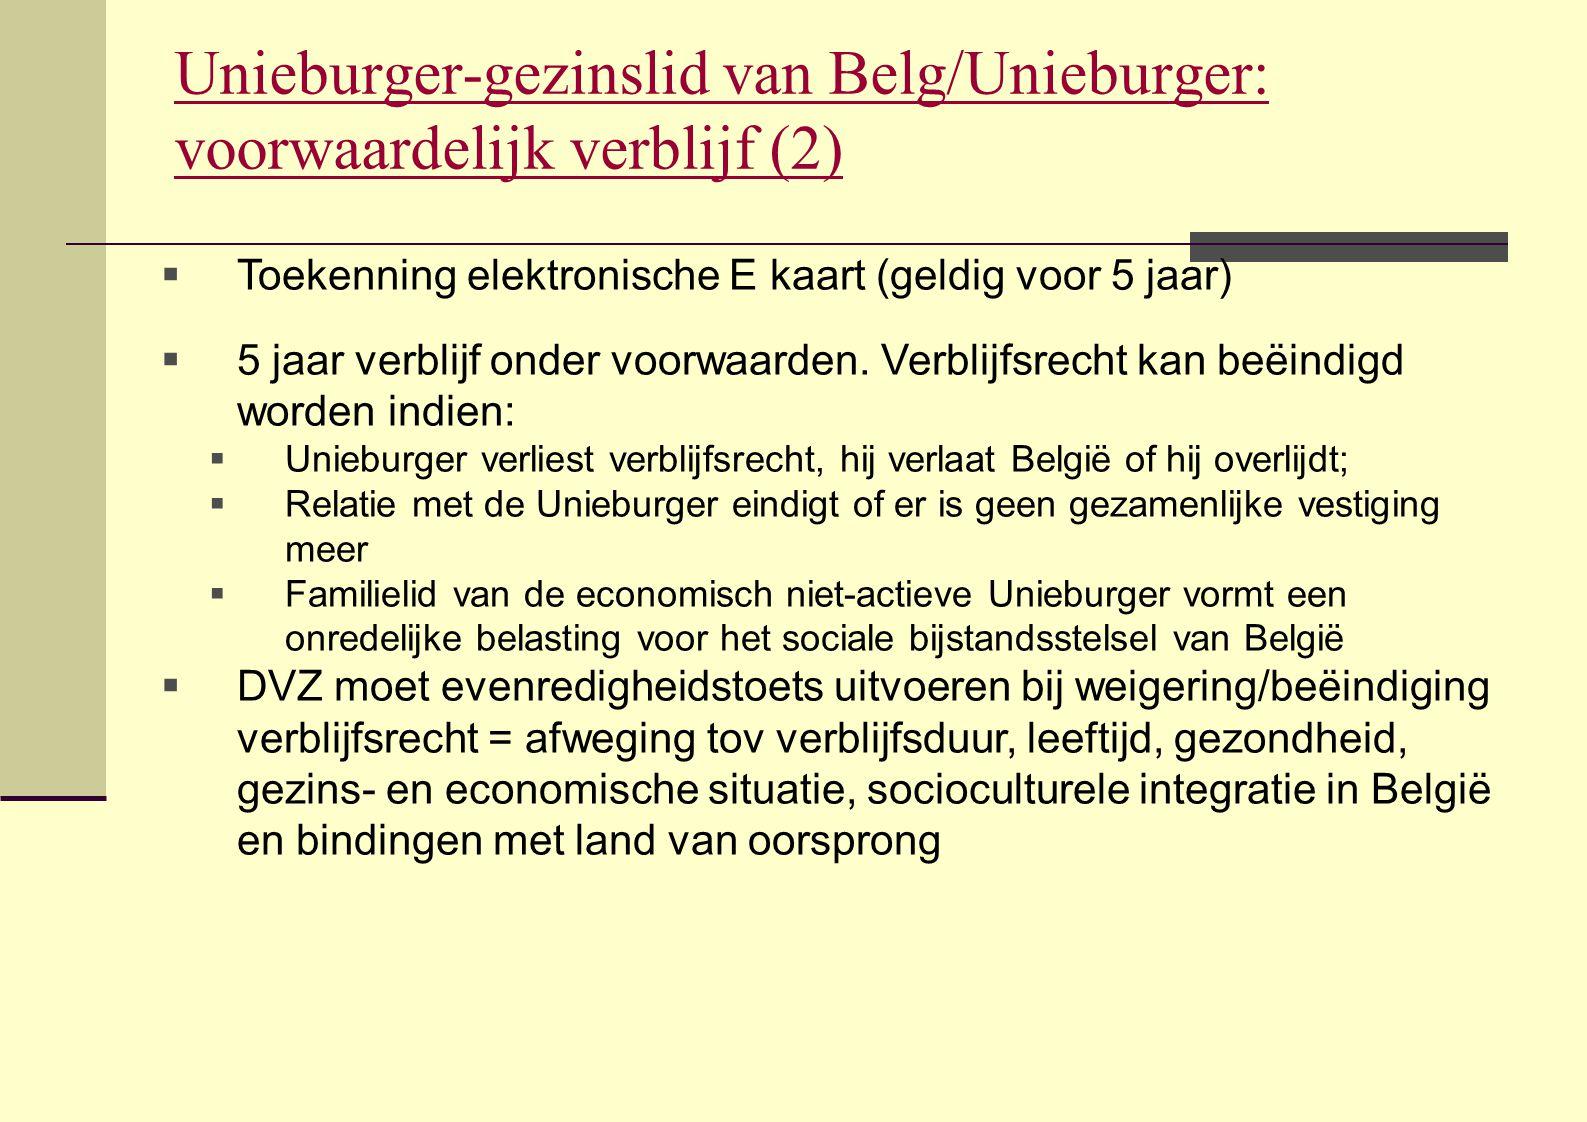 Unieburger-gezinslid van Belg/Unieburger: voorwaardelijk verblijf (2)